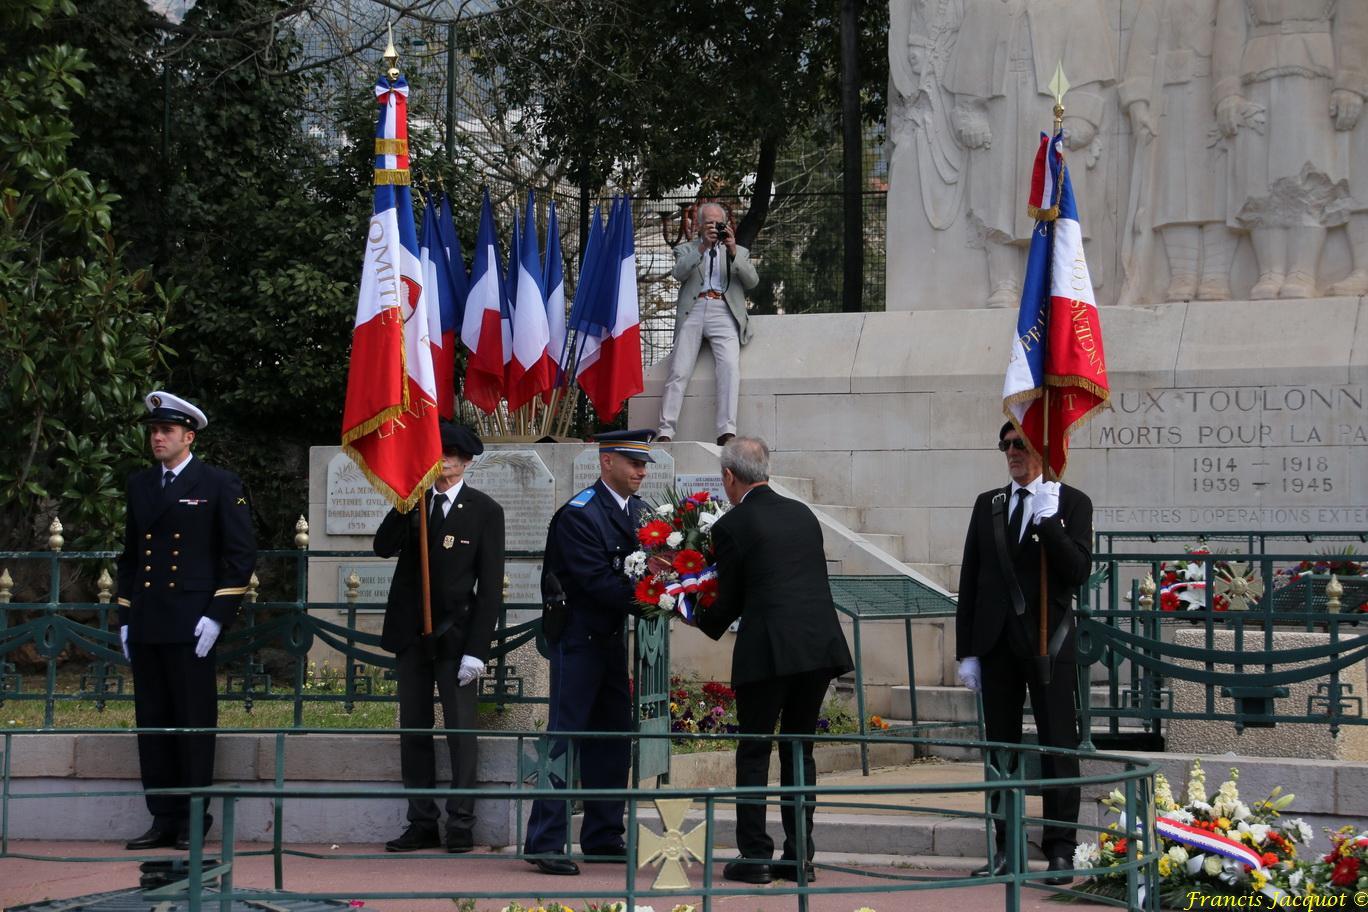 [ Histoires et histoire ] Journée nationale du souvenir et de recueillement à la mémoire des victimes civiles et militaires de la guerre d'Algérie et des combats en Tunisie et au Maroc. - Page 2 8513274208